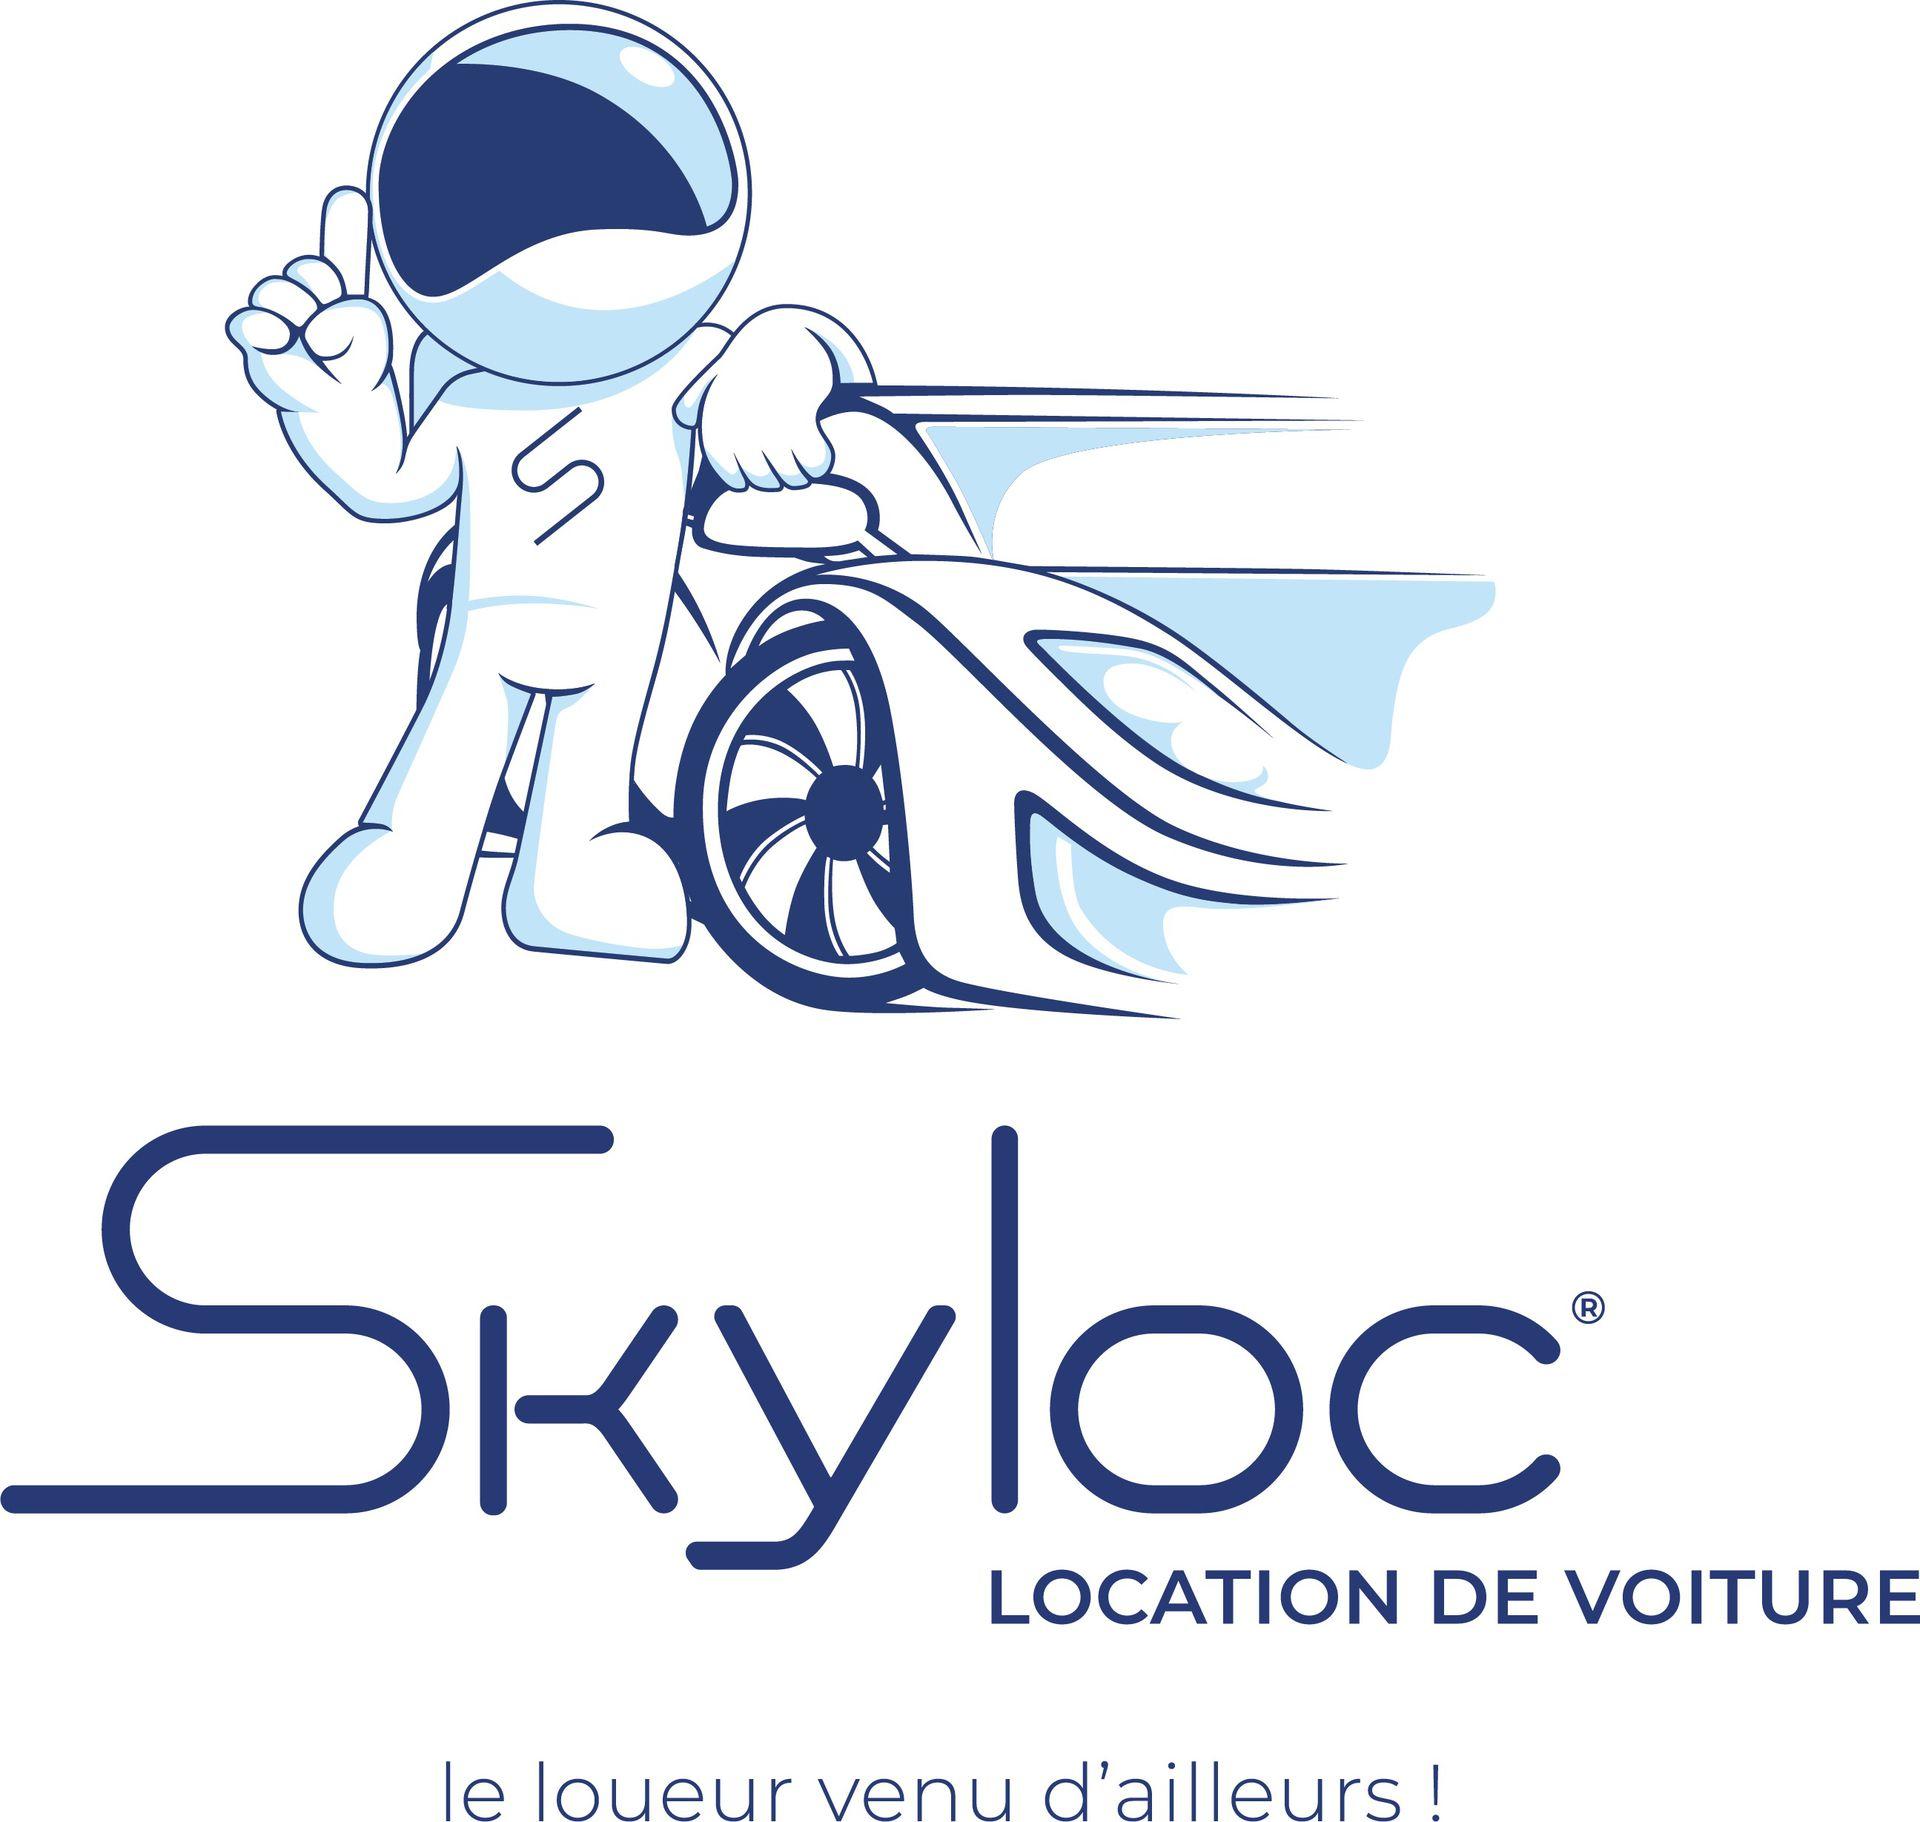 Sky Loc location de voiture et utilitaire